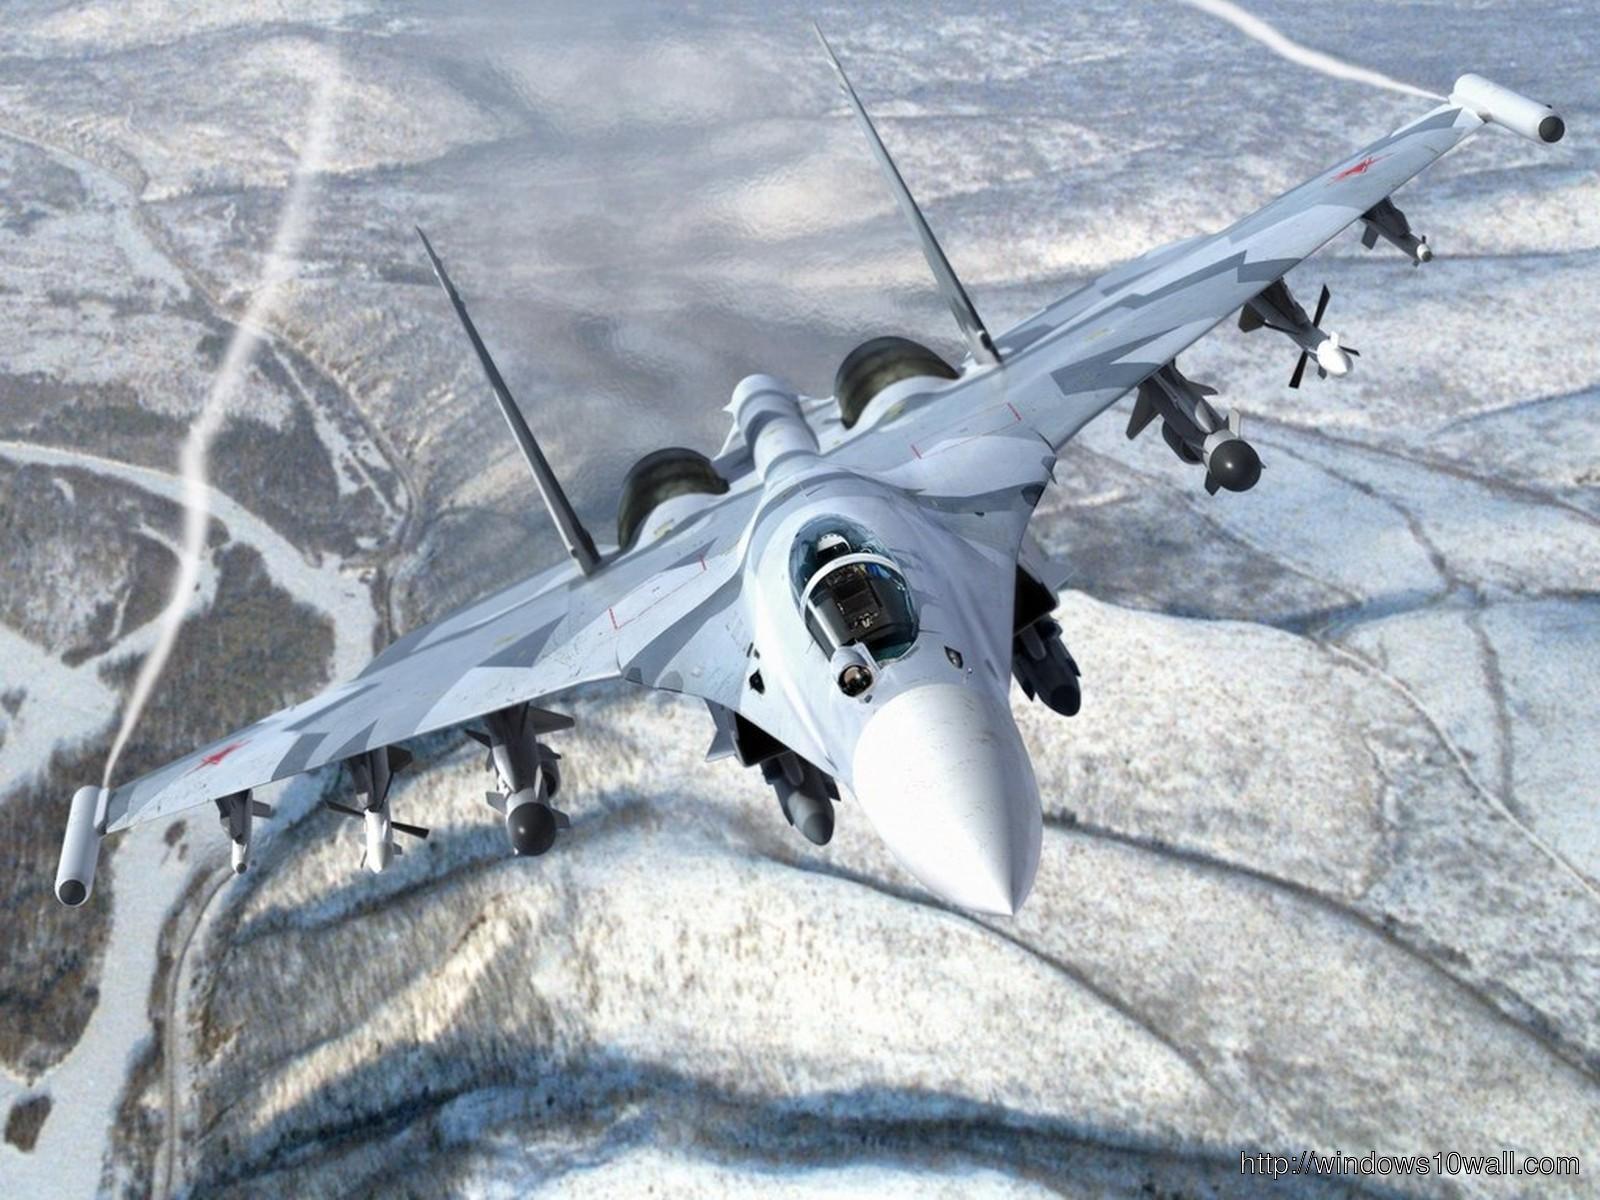 Mig 25 Foxbat Ussr Plane   windows 10 Wallpapers 1600x1200